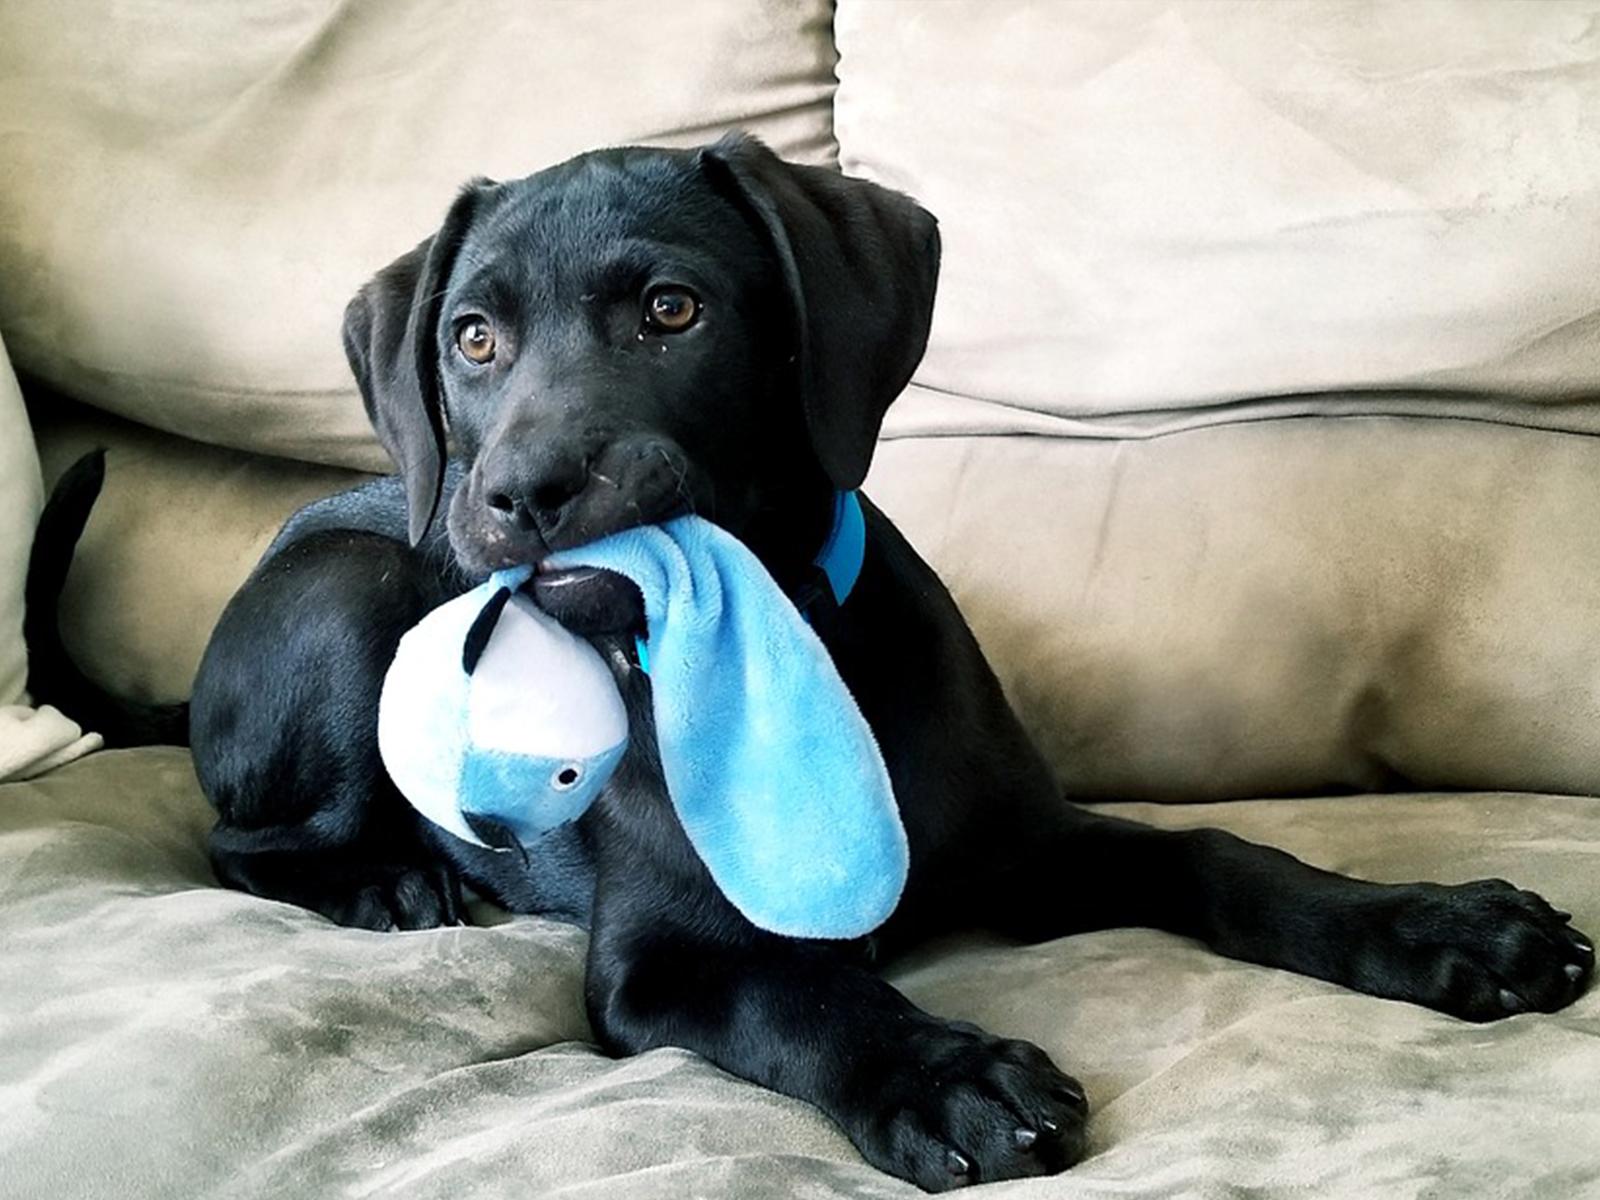 Los Mejores Juguetes Para Calmar A Los Perros Adolescentes Cuando Están Solos En Casa